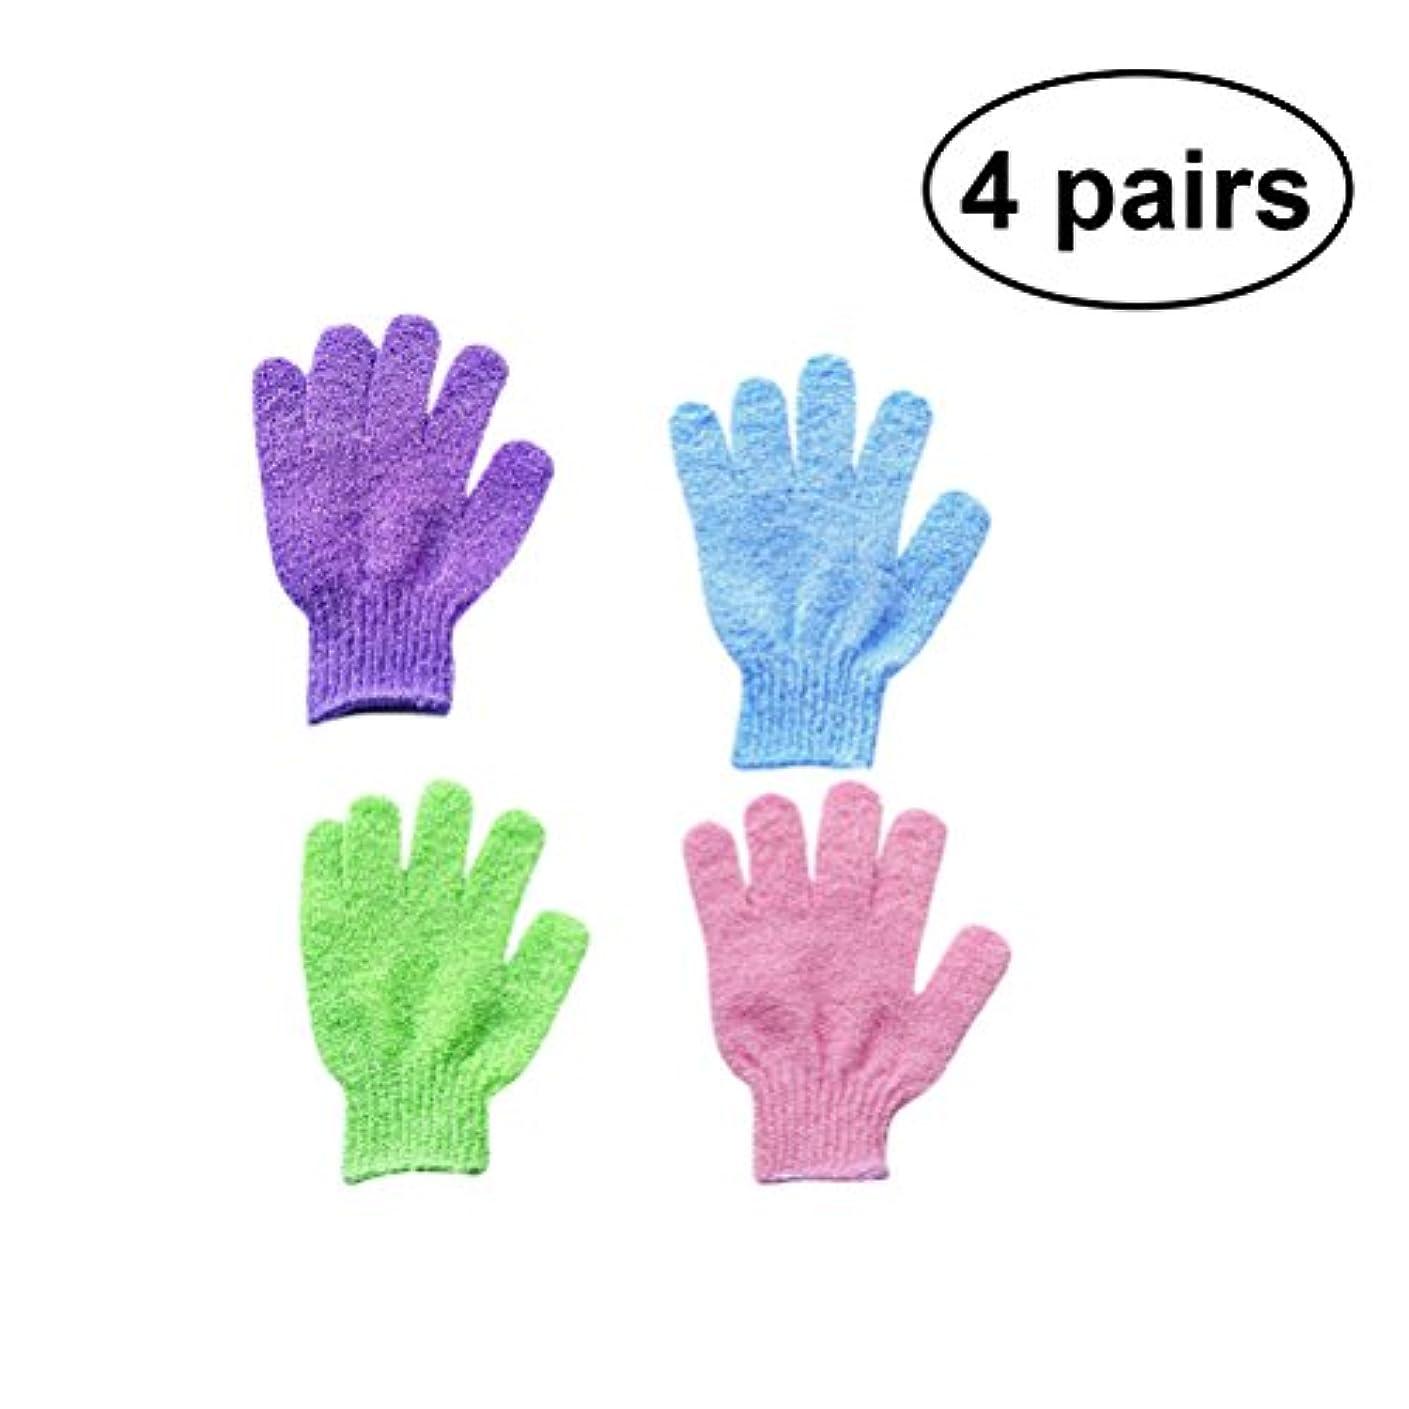 残忍なおばあさんドローHealifty 4 Pairs Exfoliating Bath Gloves Shower Mitts Exfoliating Body Spa Massage Dead Skin Cell Remover